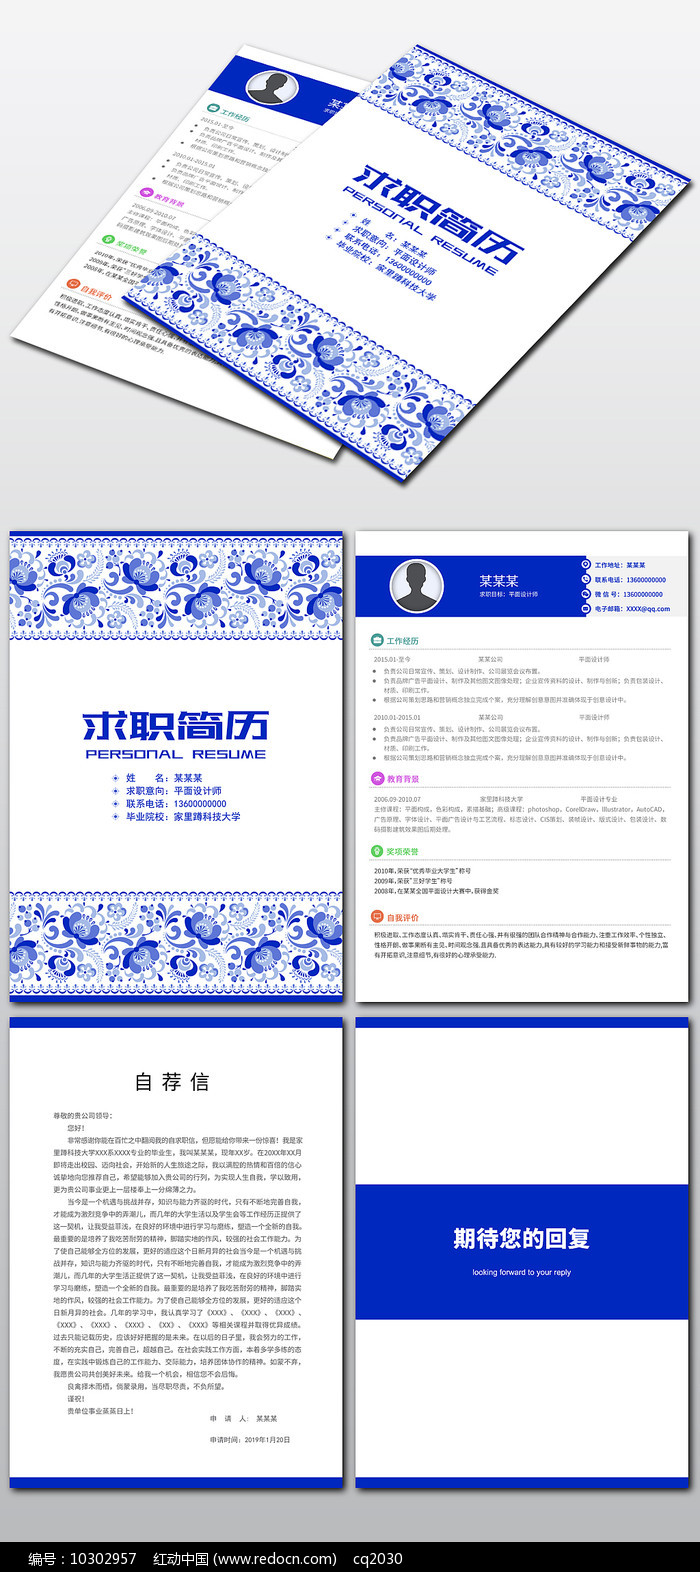 蓝色中国风青花瓷个人求职简历封面设计图片